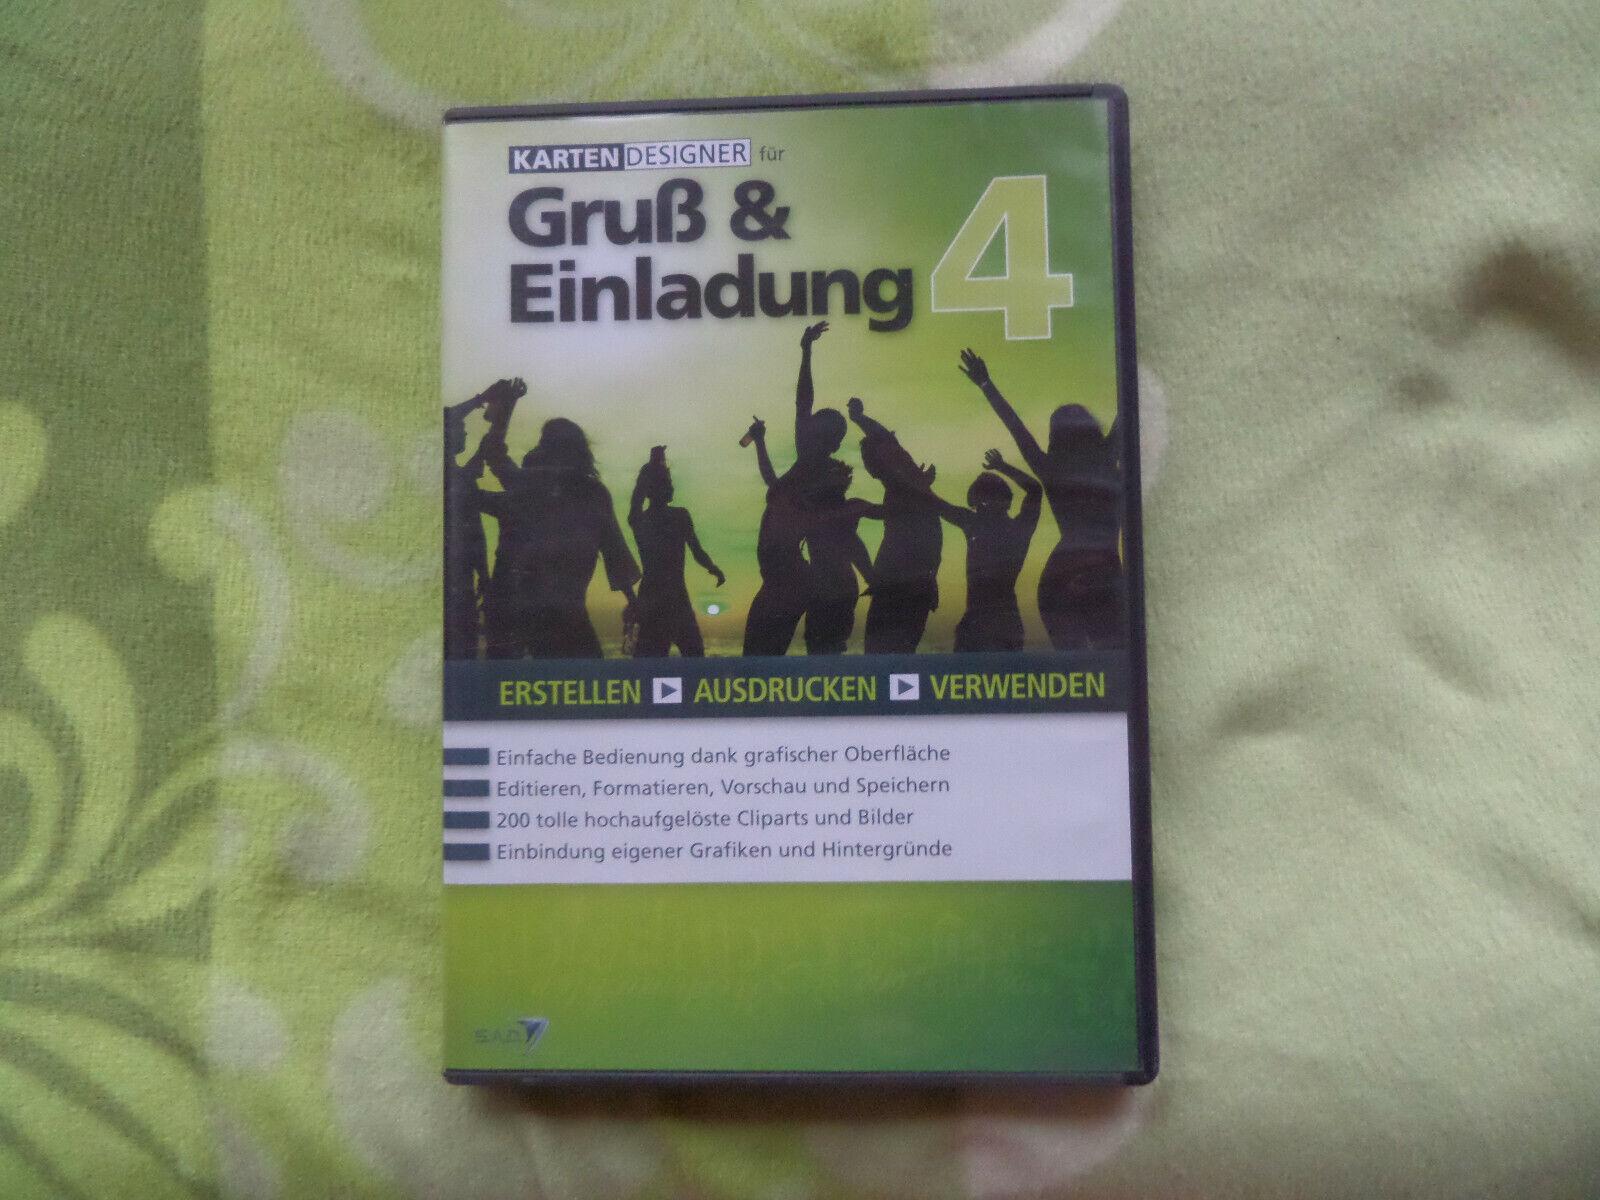 Karten Designer Gruß und Einladung 4 SAD PC Gruß und Einladungskarten CD